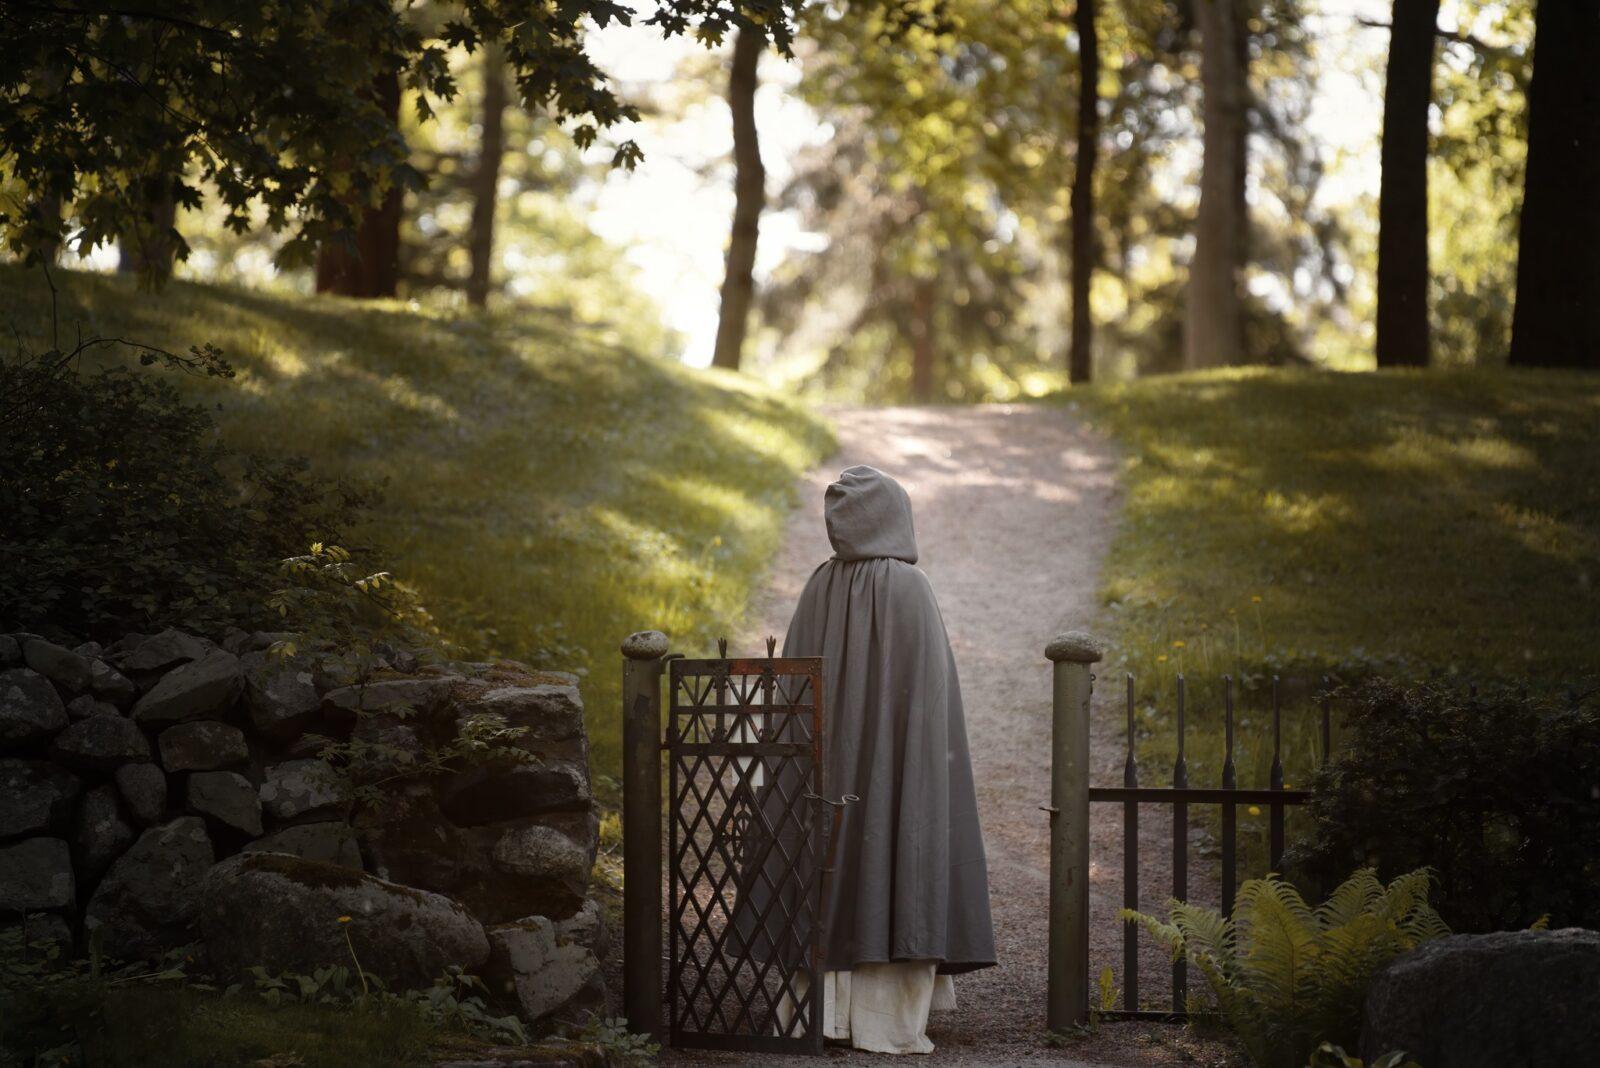 Naantalin luostaripäivien henkilö viittaan pukeutuneena Naantalin kirkon luona.